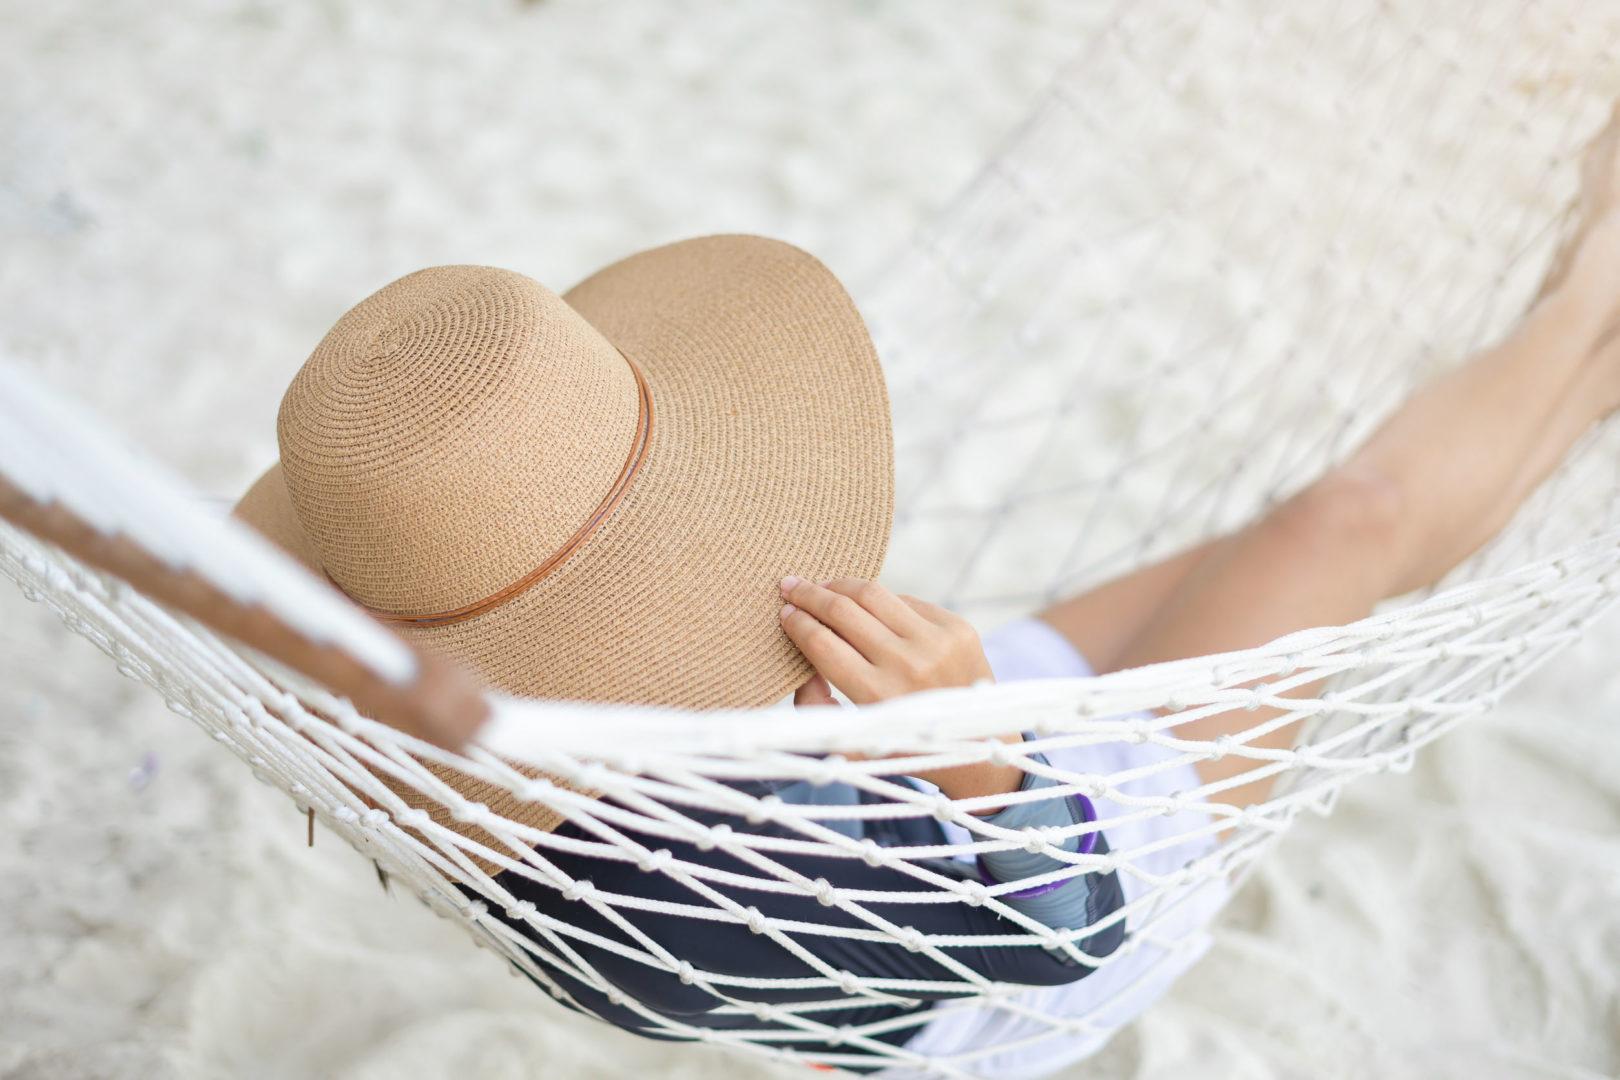 Aprende a cuidar tu piel en verano reduciendo el riesgo de enfermedades por exposición solar. El sol está presente 365 días y, aunque sabemos que tiene resultados beneficiosos y mejora nuestro estado de ánimo, también afecta a nuestra piel a diario.